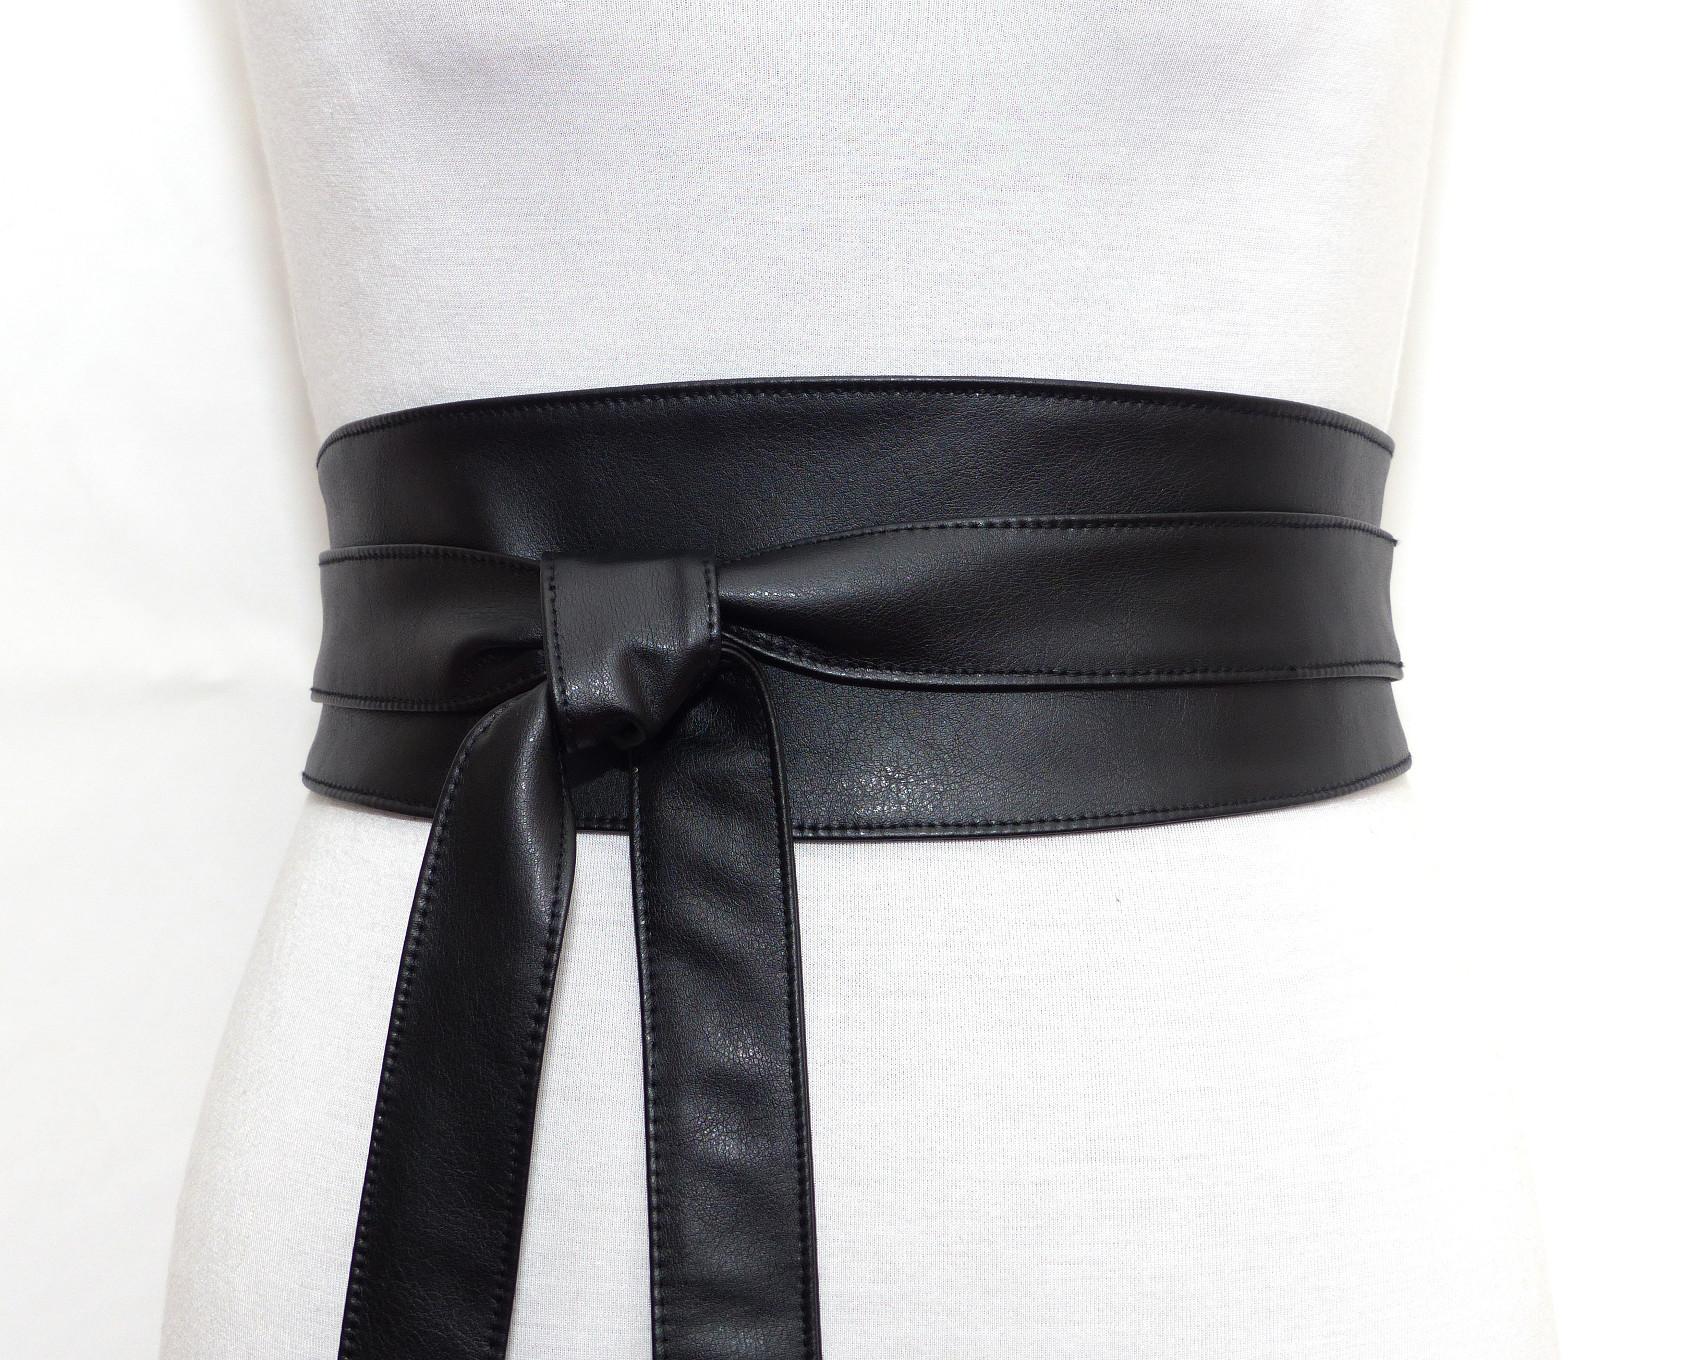 Ceinture obi noire large à nouer, en simili cuir 8f6ff4e286c